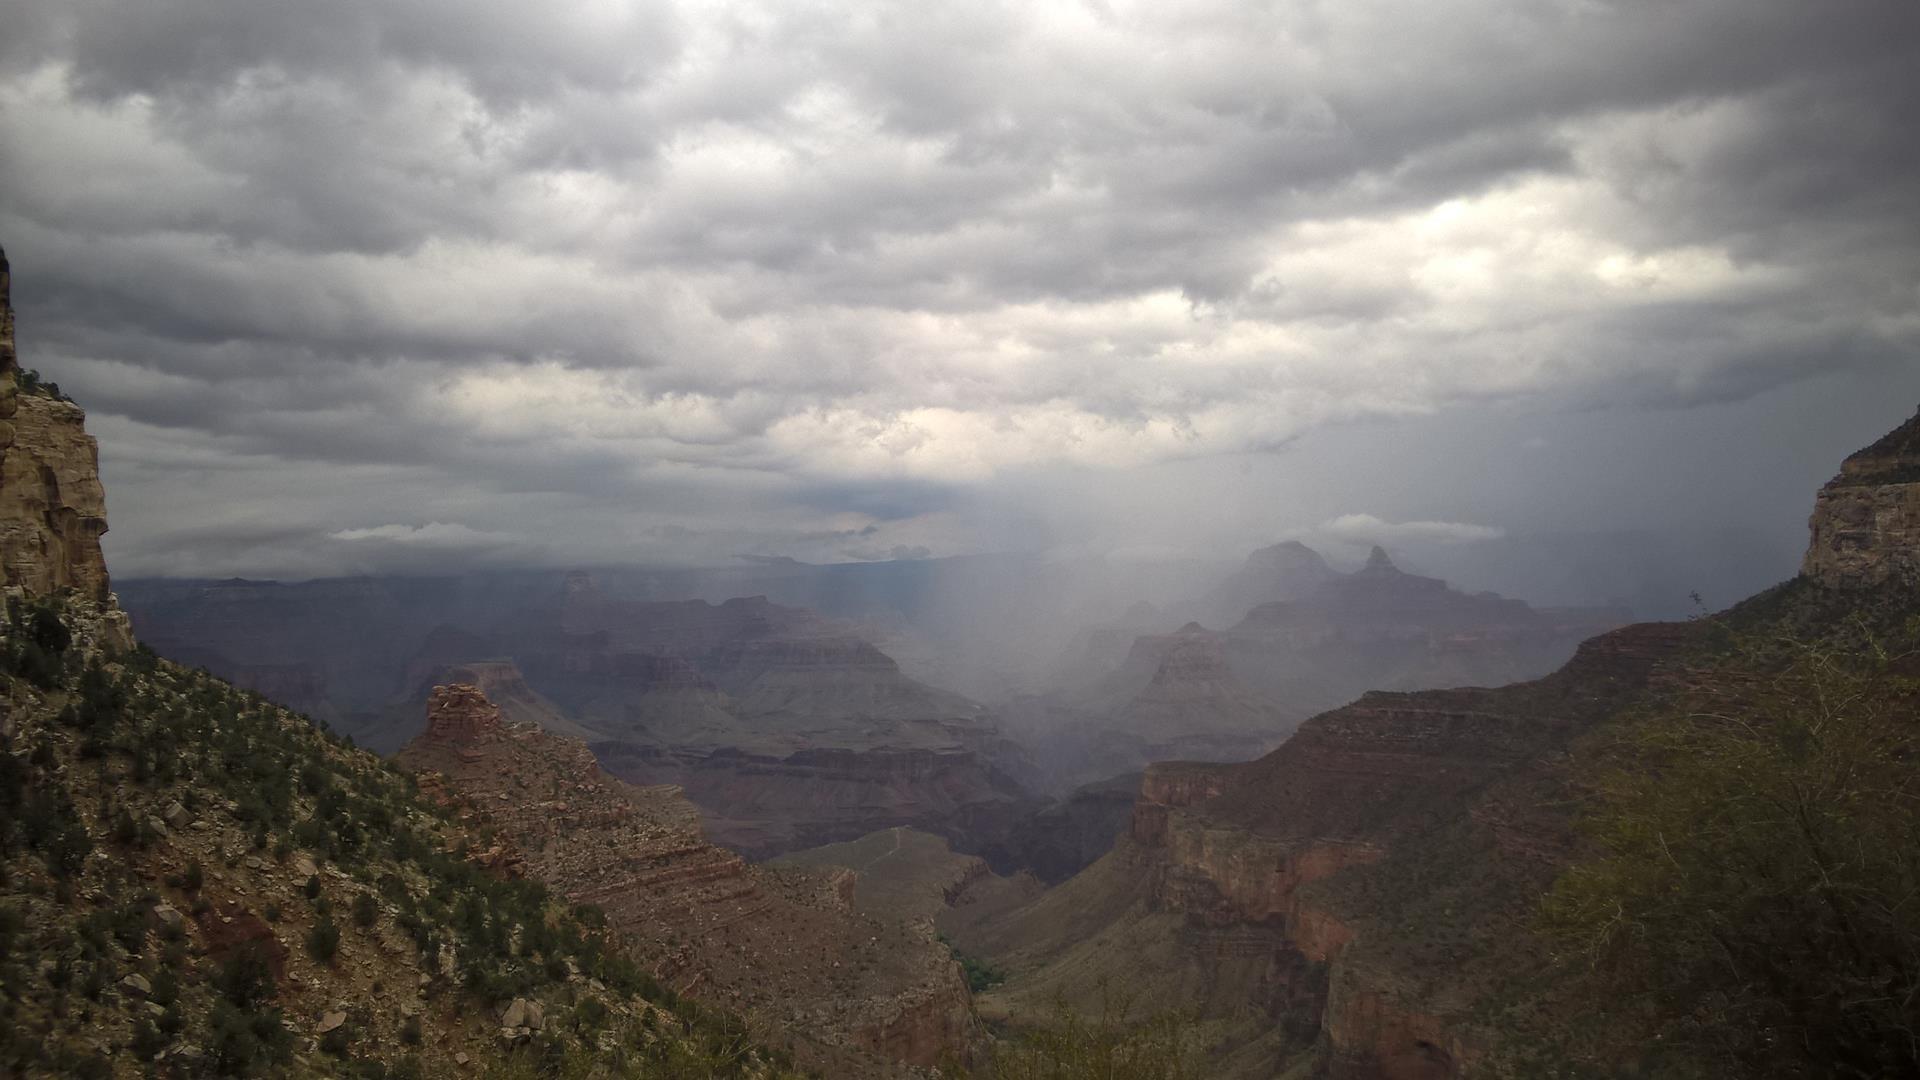 Die Wolken haben schon beeindruckend ausgeschaut...